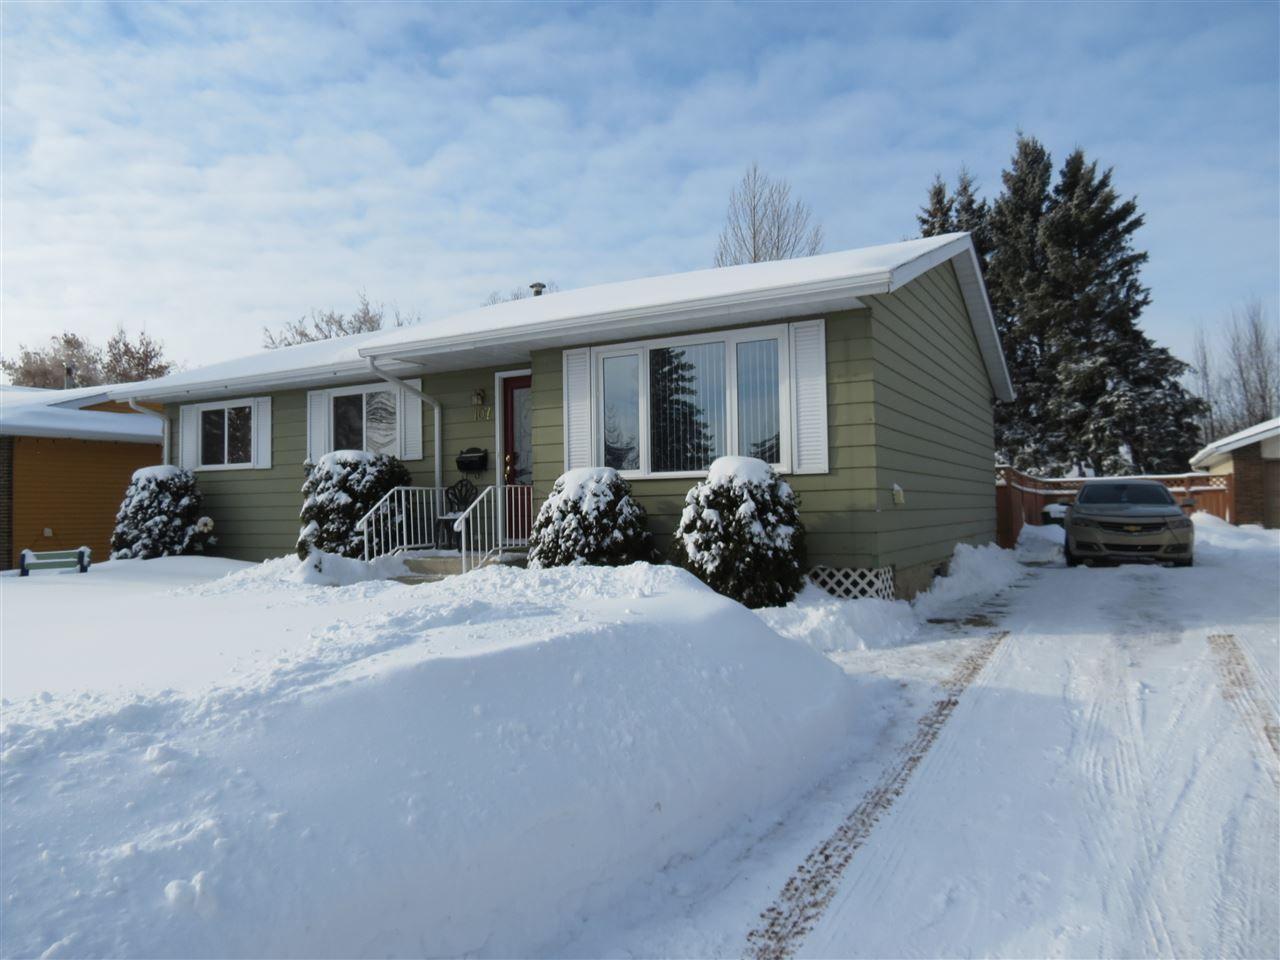 Main Photo: 107 Grandin Drive: Morinville House for sale : MLS®# E4143366